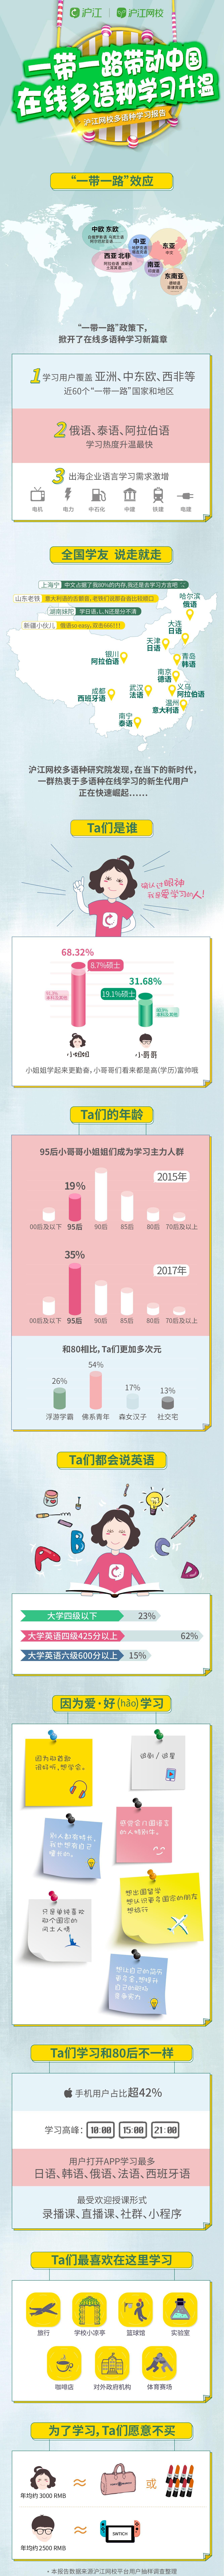 沪江网校发布2018多语种年度报告 头部玩家效应显现